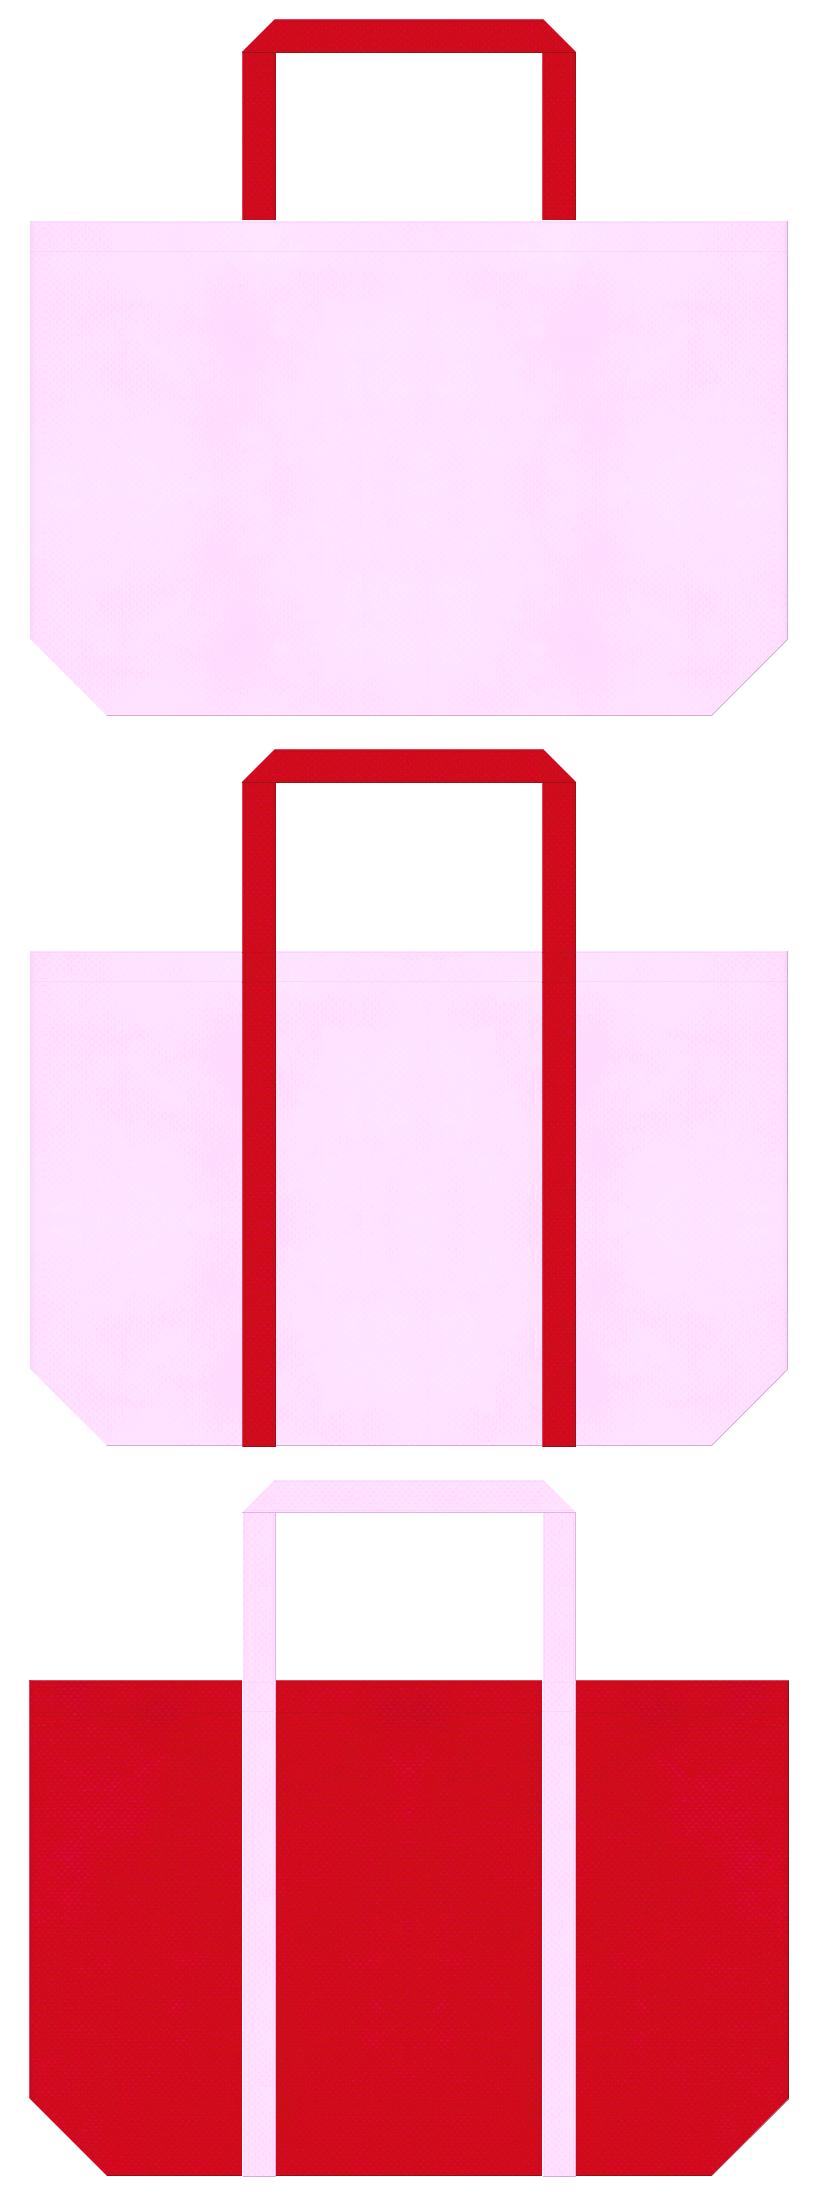 いちご大福・バレンタイン・ひな祭り・カーネーション・母の日・お正月・和風催事にお奨めの不織布バッグデザイン:パステルピンク色と紅色のコーデ